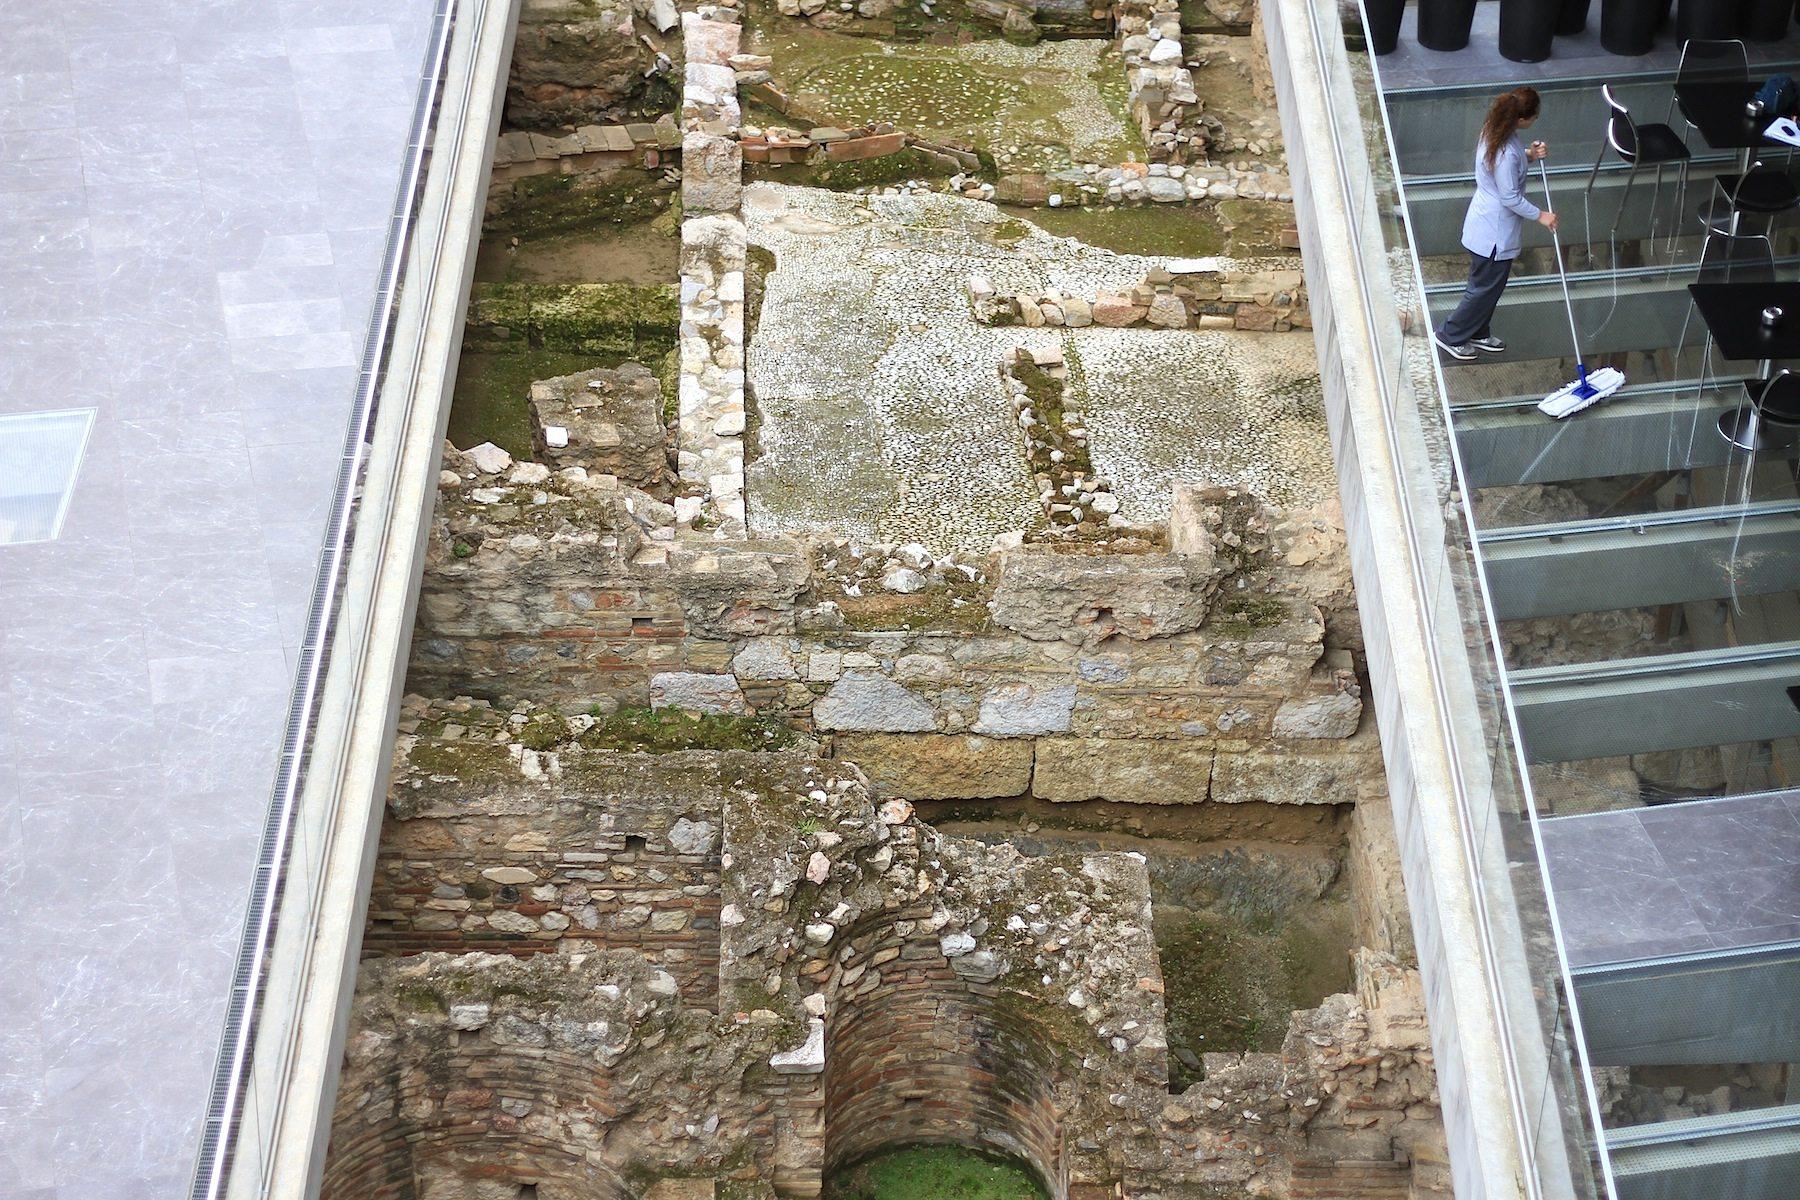 Sichtbar.  Der Ort selbst wird zum Exponat. Große gläserne Bodenplatten erlauben immer wieder Blicke auf die archäologischen Schätze der Stadt.